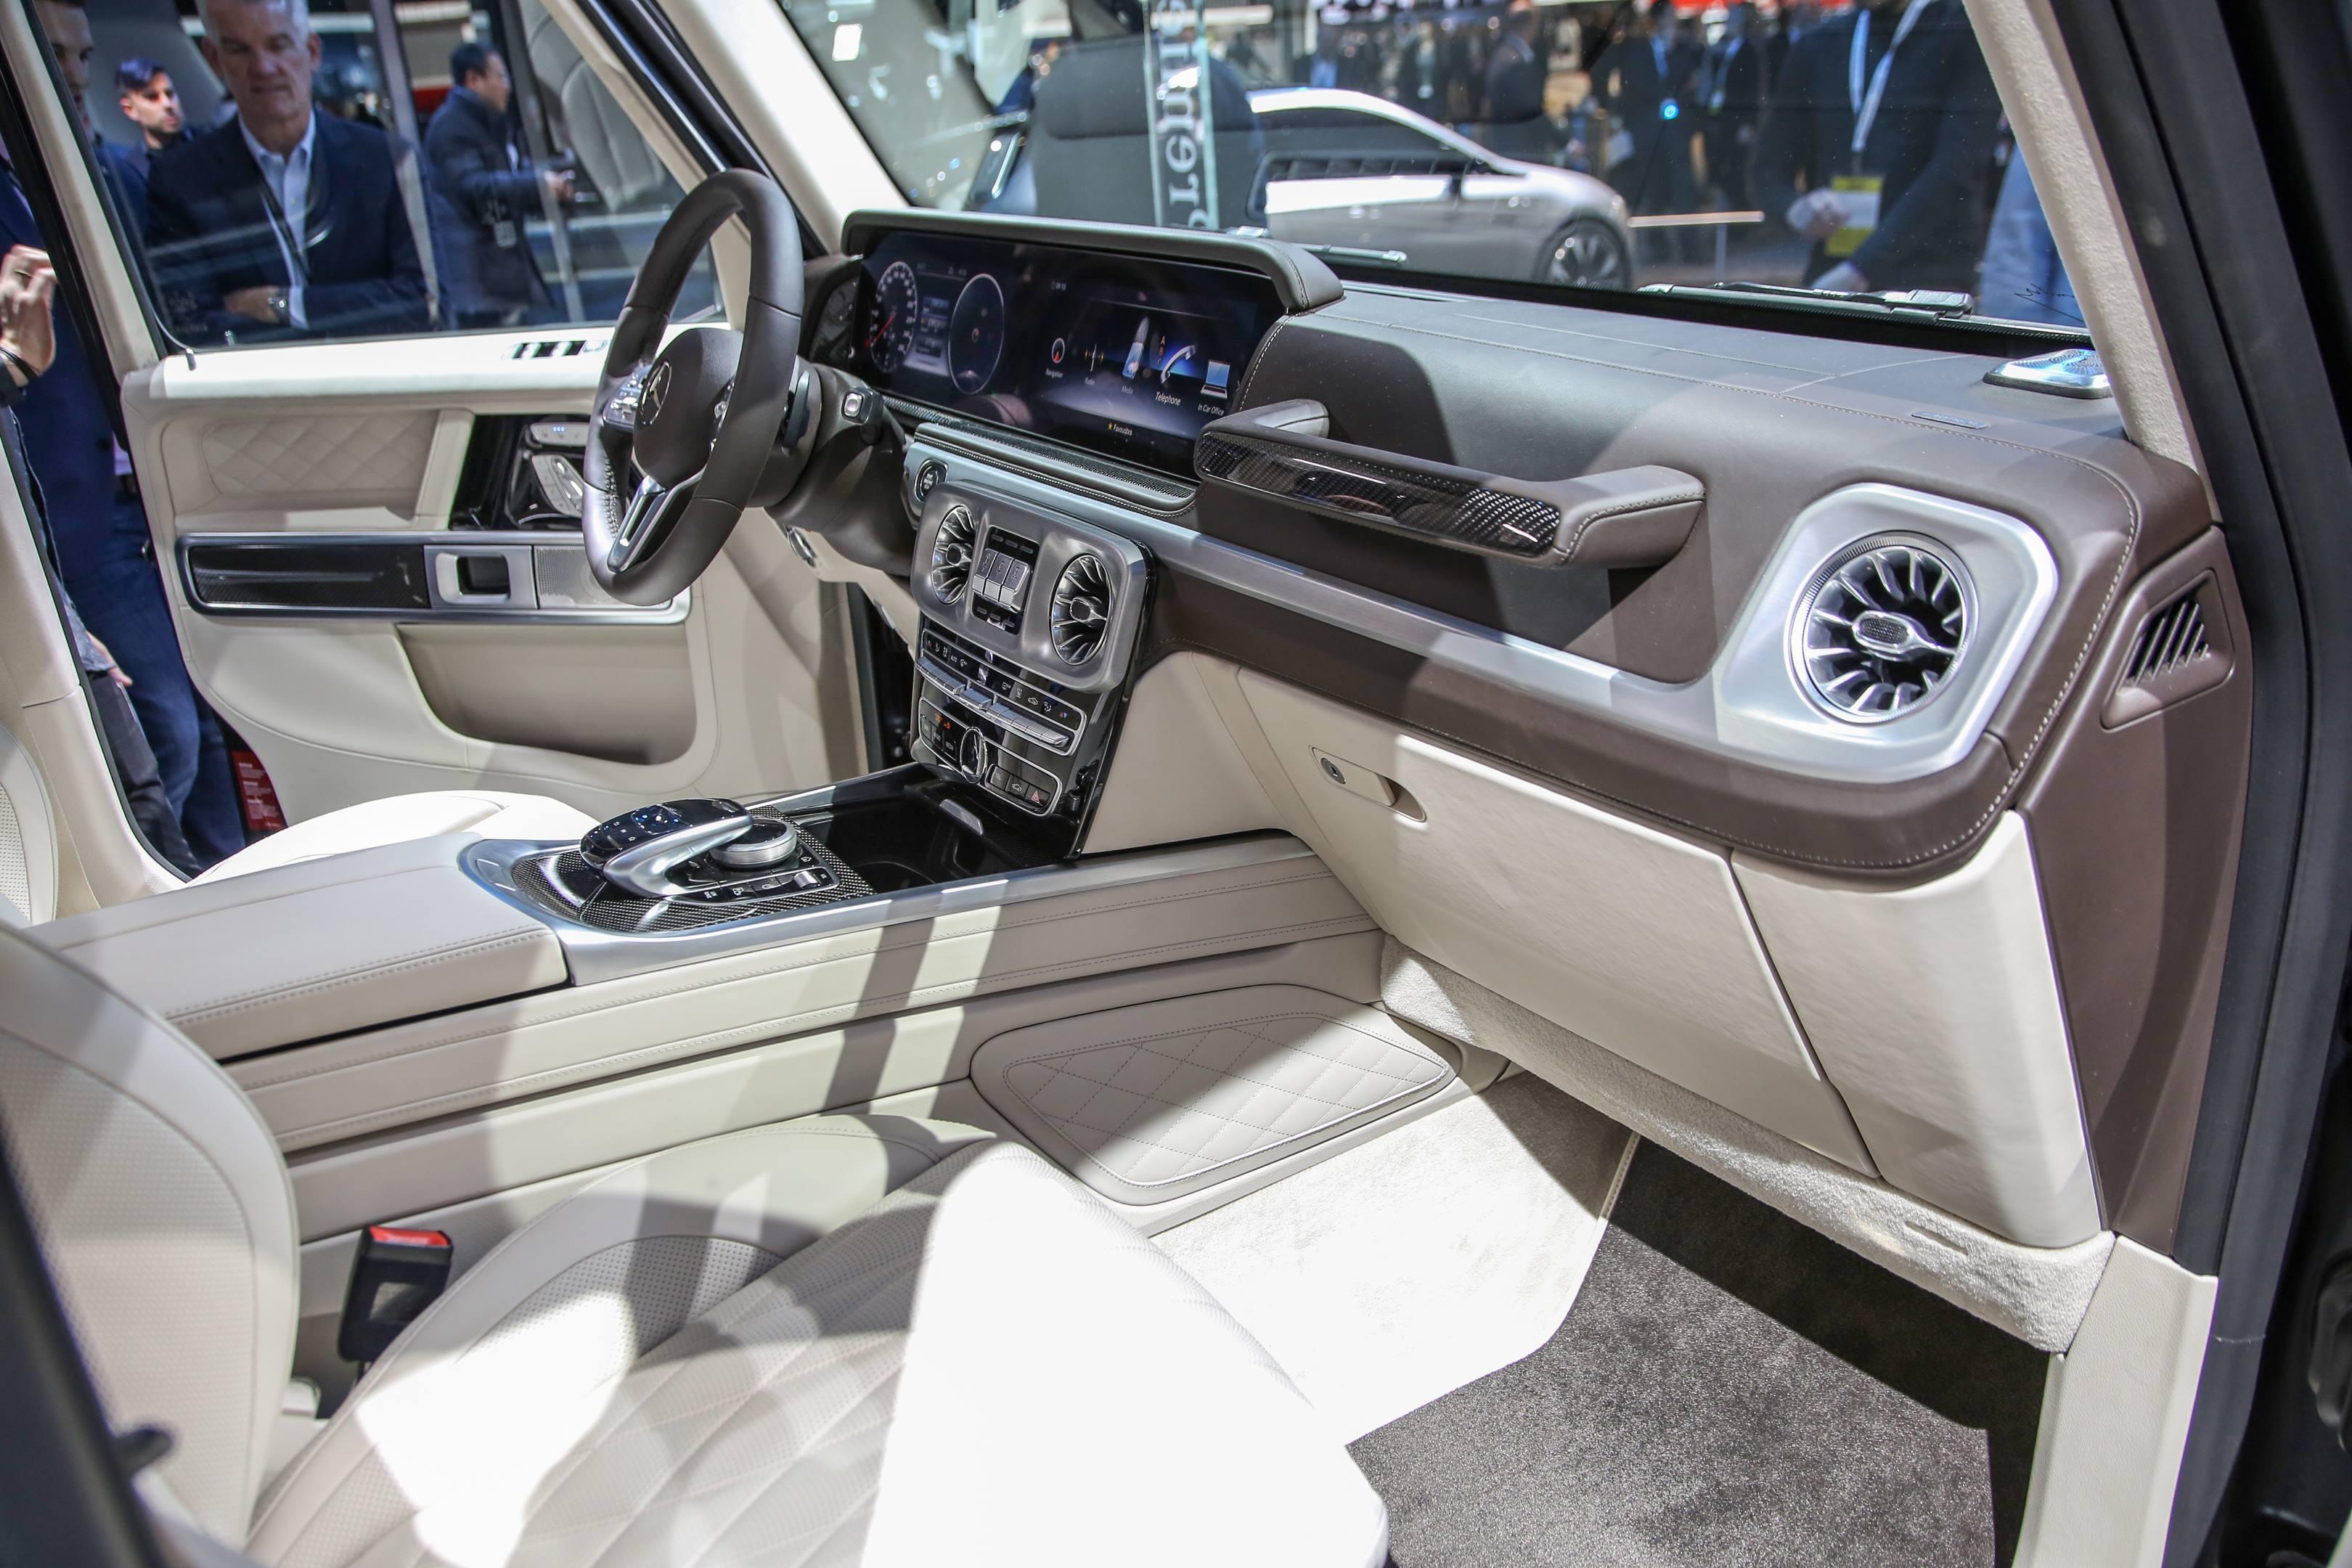 2019 Mercedes-Benz G-Class interior 2